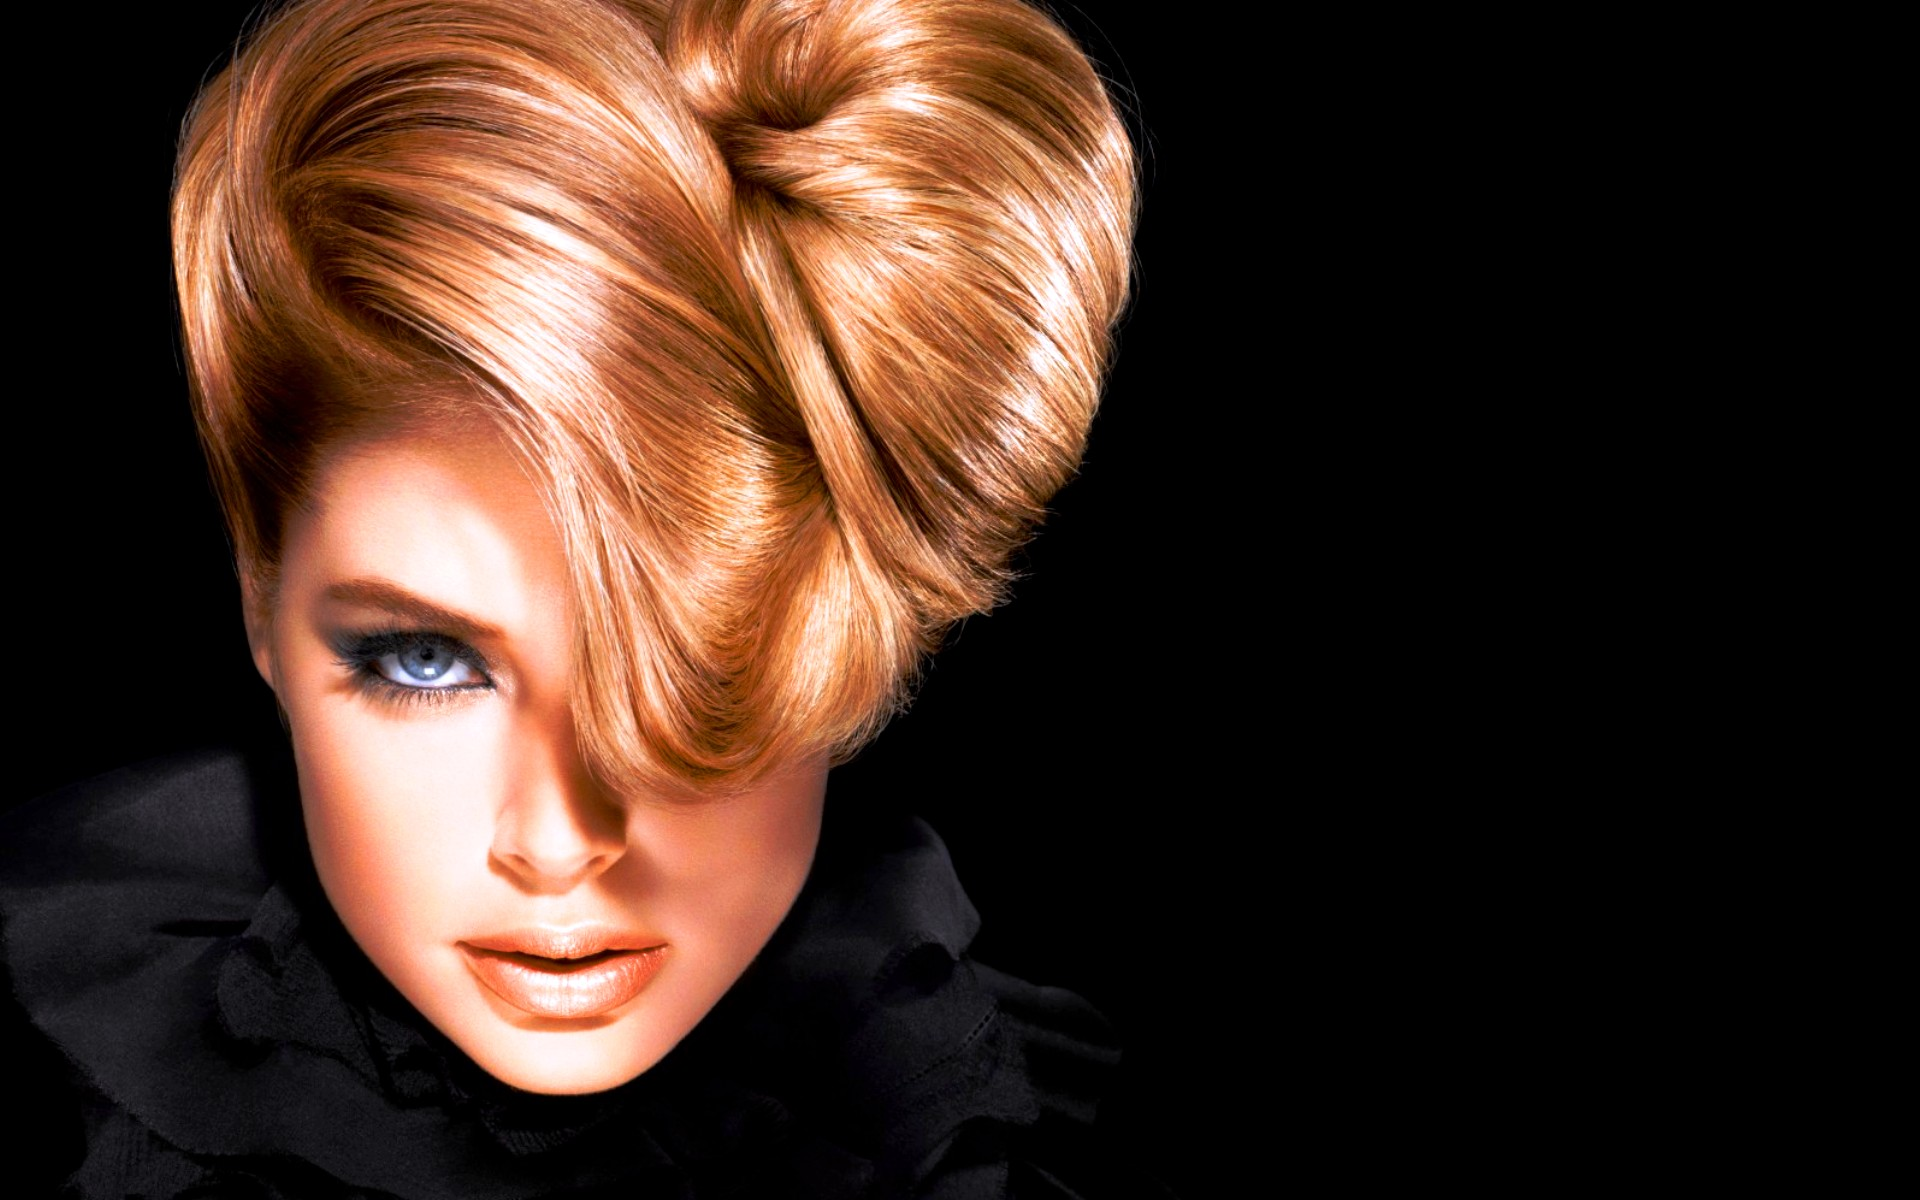 Волосы прически стрижки модели